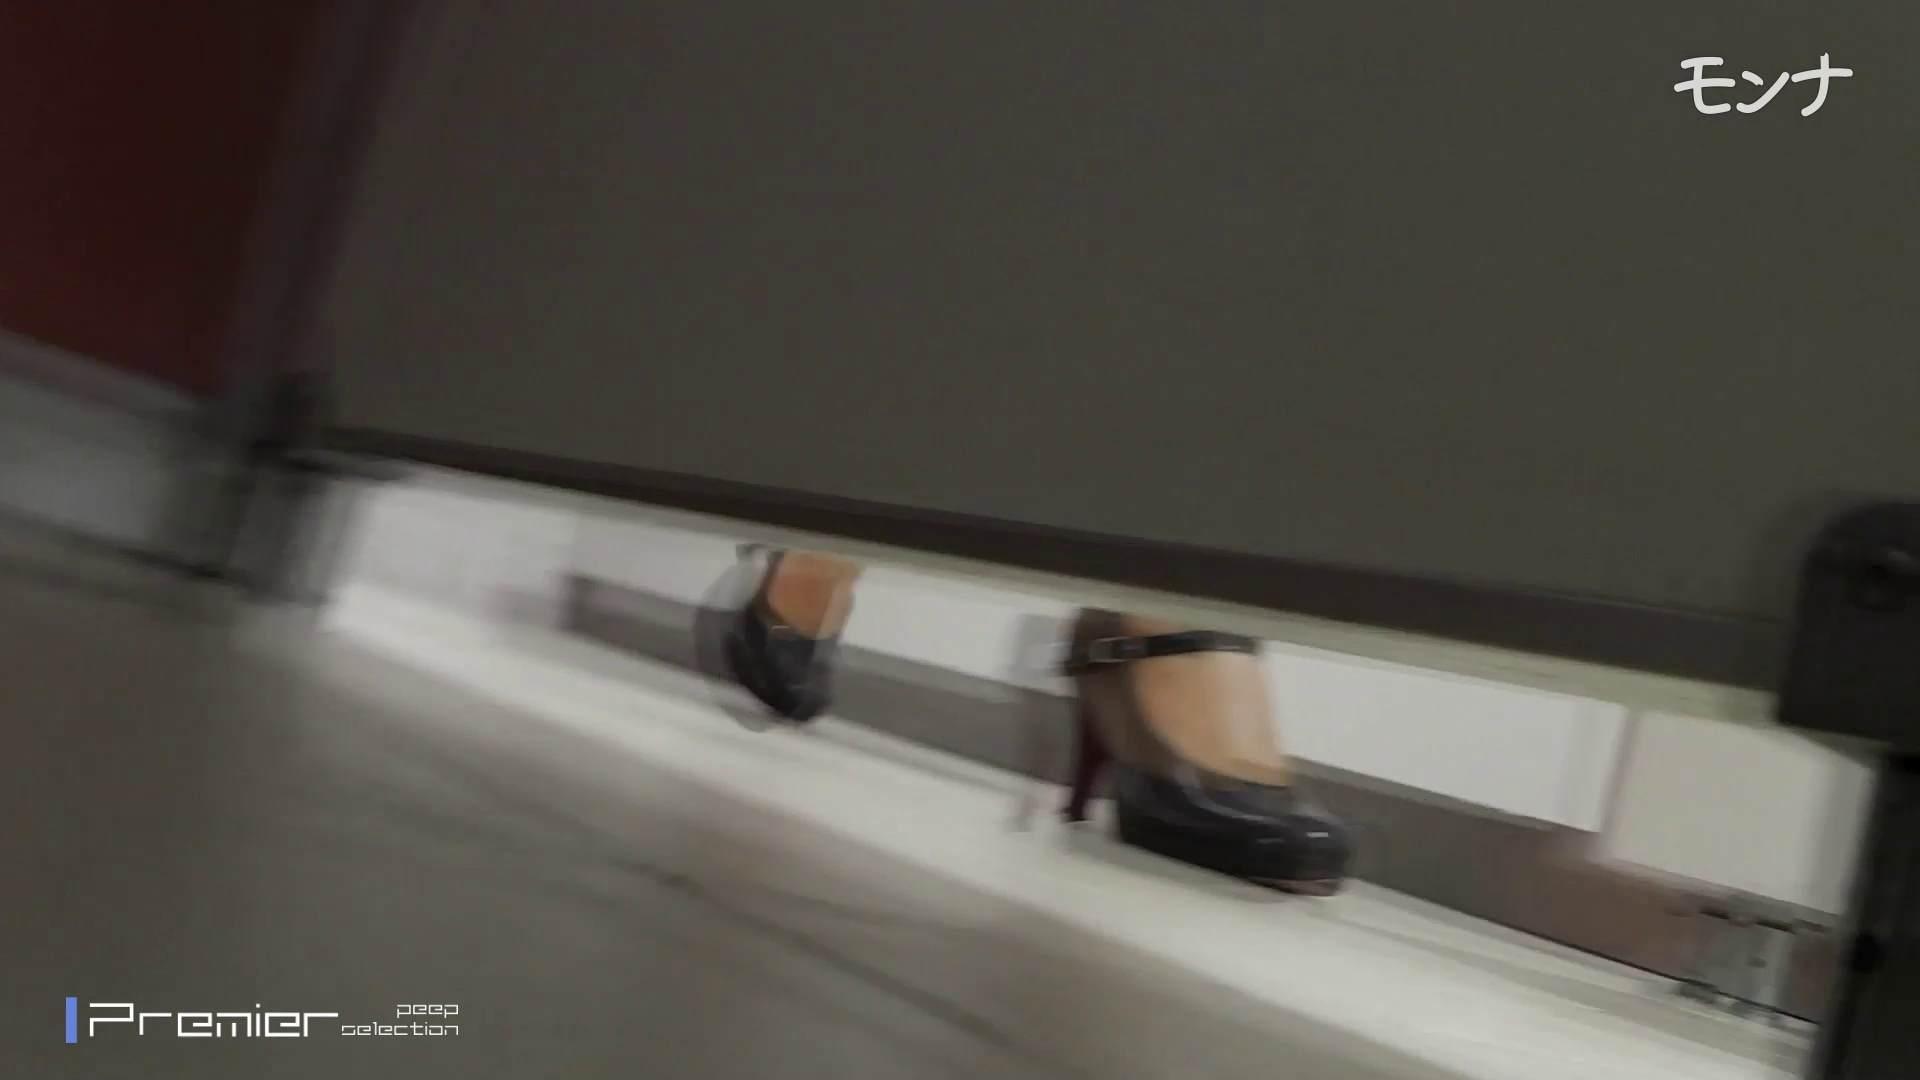 美しい日本の未来 No.55 普通の子たちの日常調長身あり マンコ オマンコ無修正動画無料 104pic 87